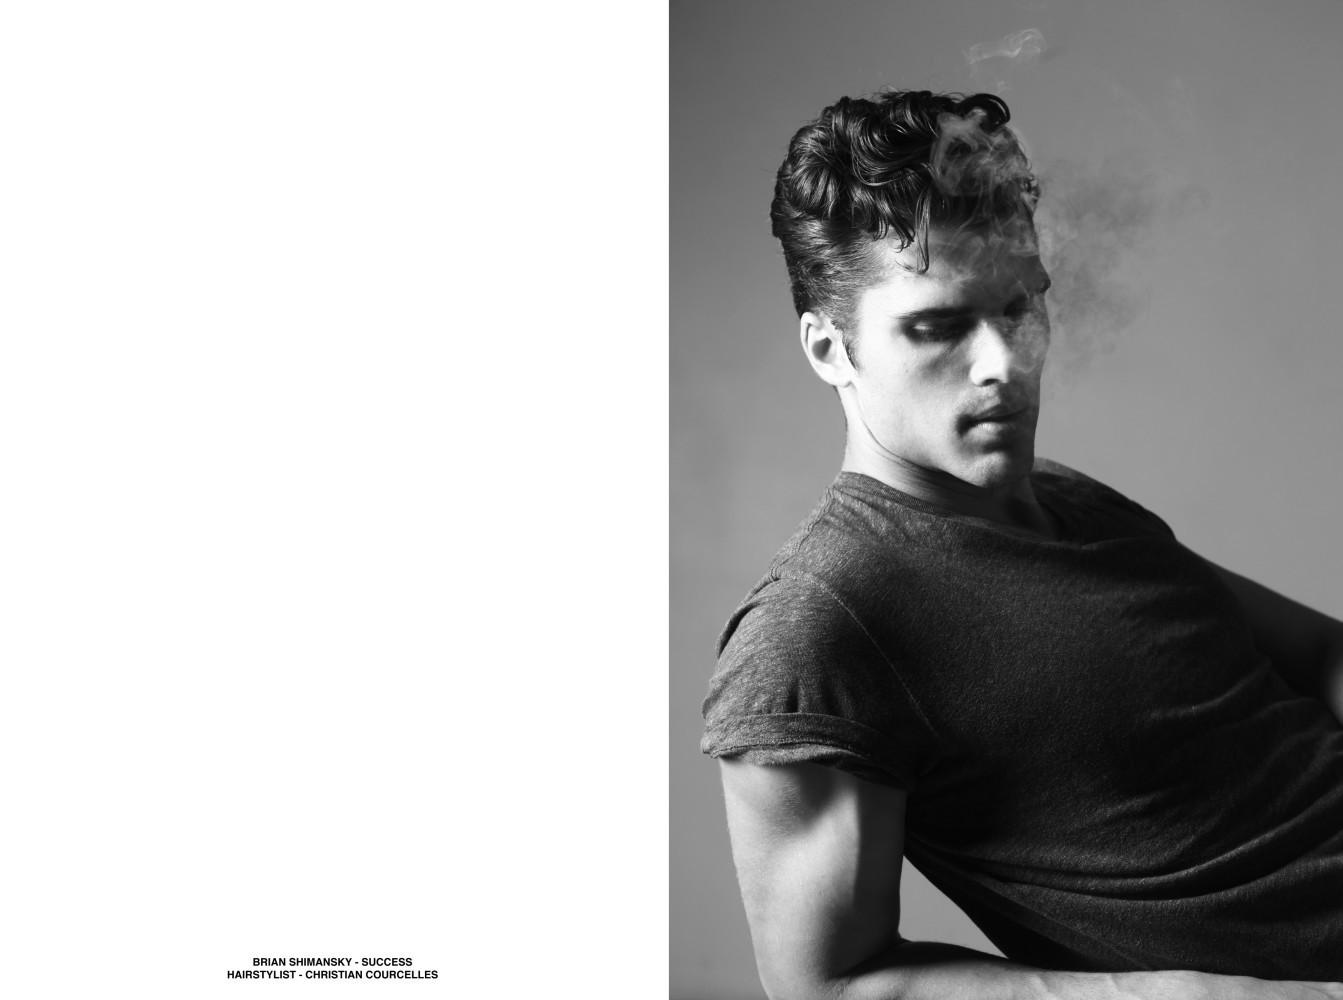 Brian Shimansky by Ricardo Gomes